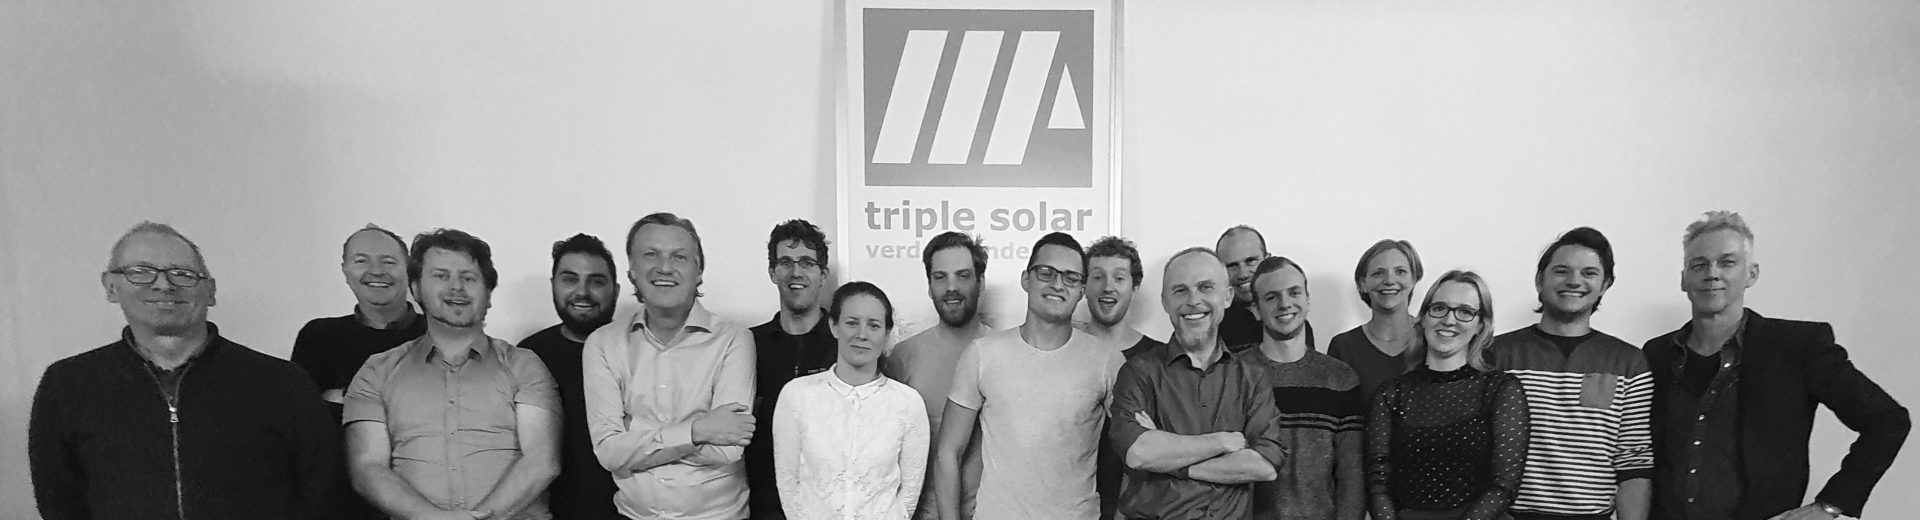 triple-solar-pvt-paneel-zonnepaneel-warmtepomppaneel-team-foto-01